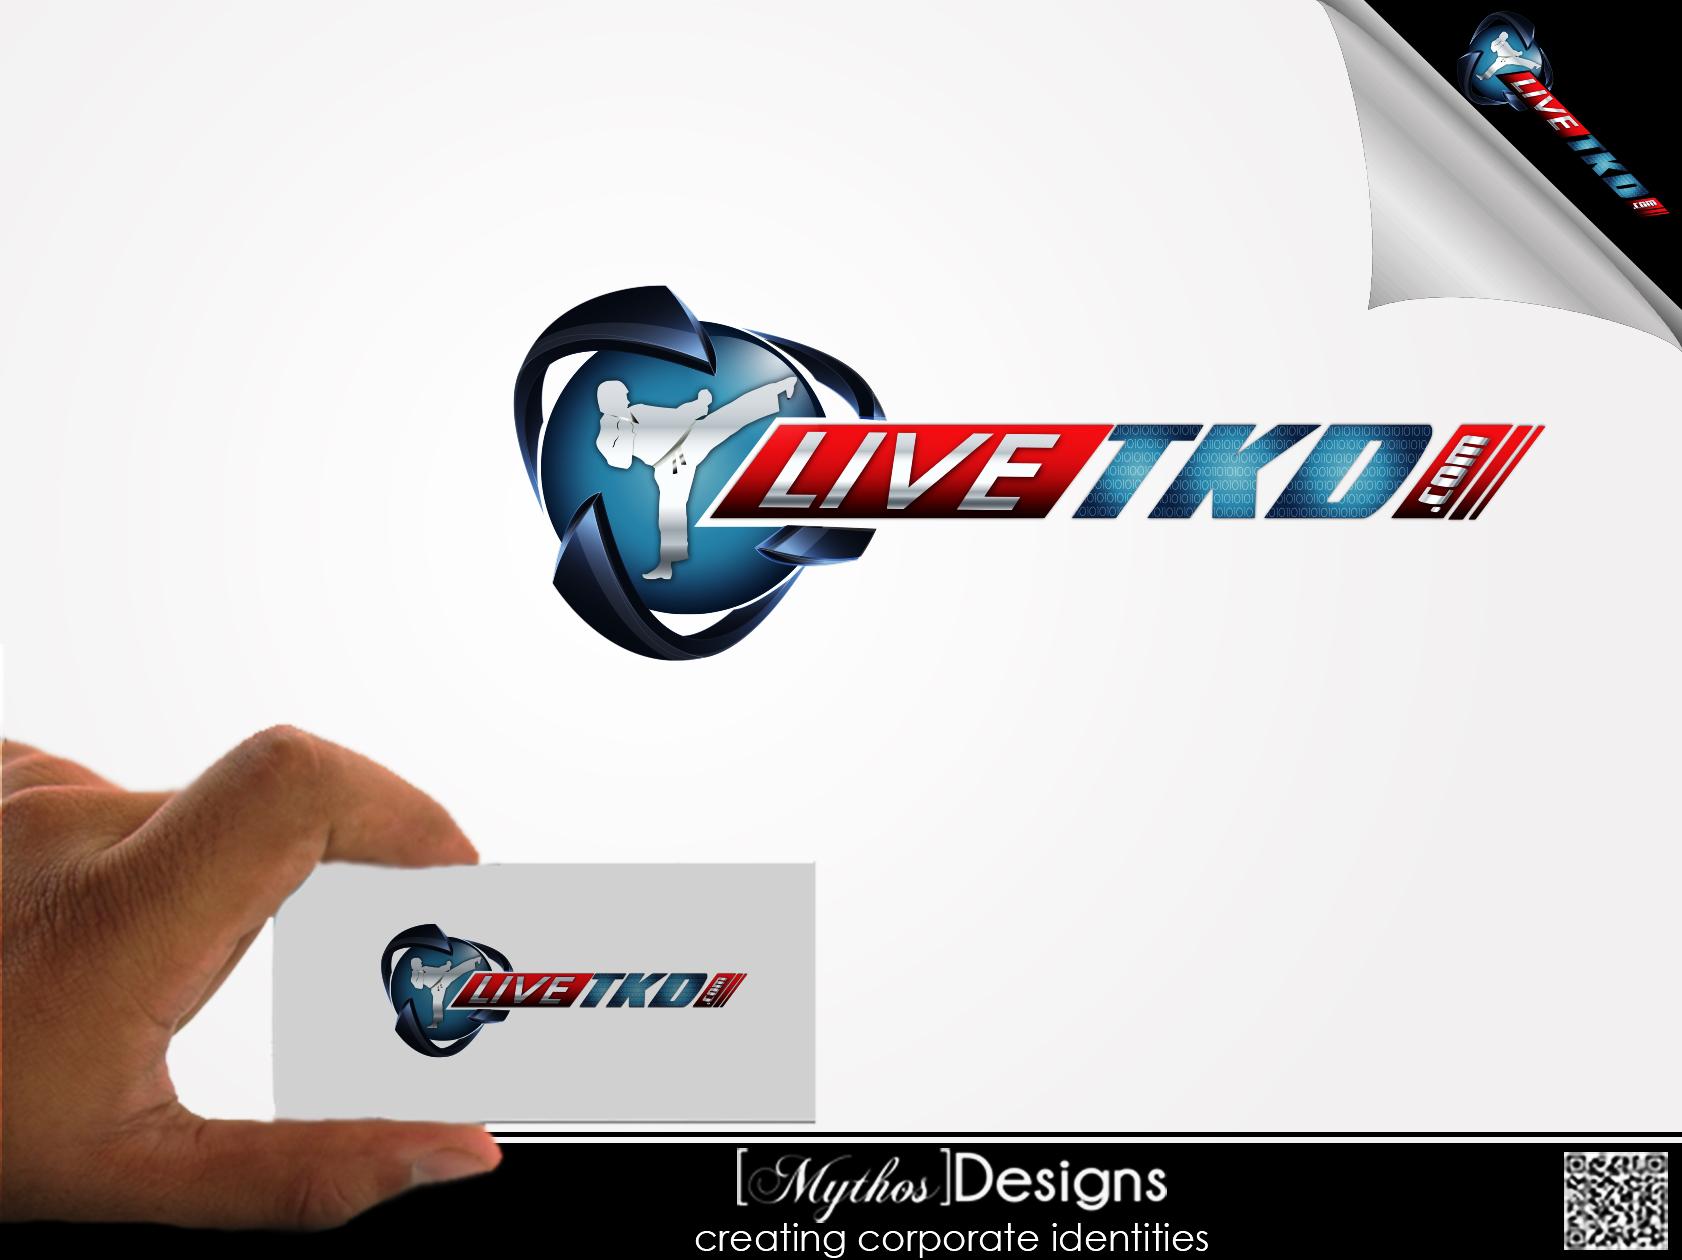 Logo Design by Mythos Designs - Entry No. 190 in the Logo Design Contest New Logo Design for LiveTKD.com.